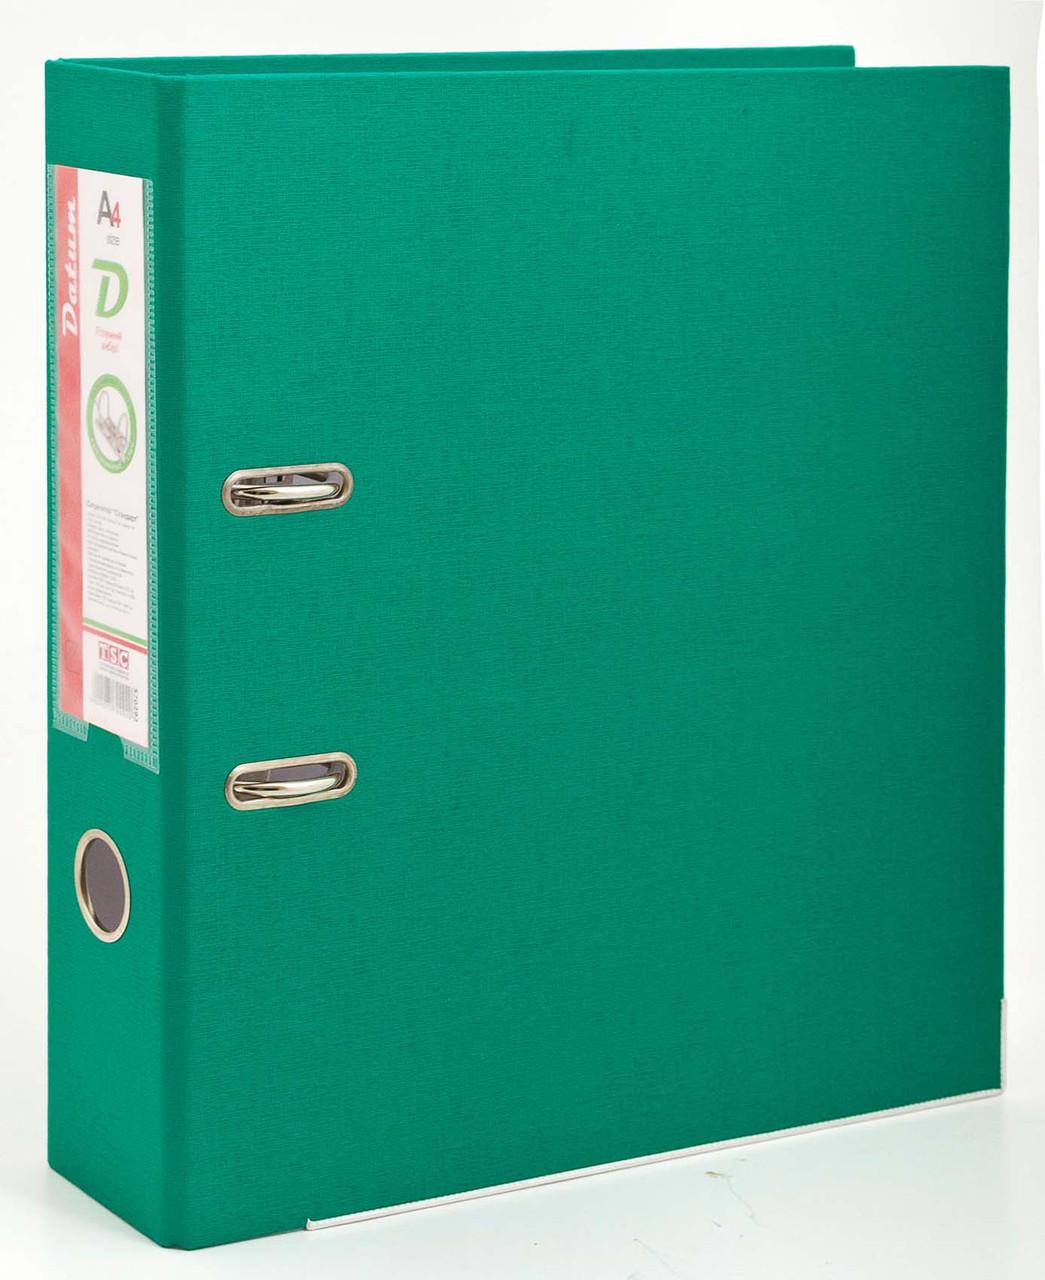 Сегрегатор А4/7см зеленый D2270-09 (сборной)